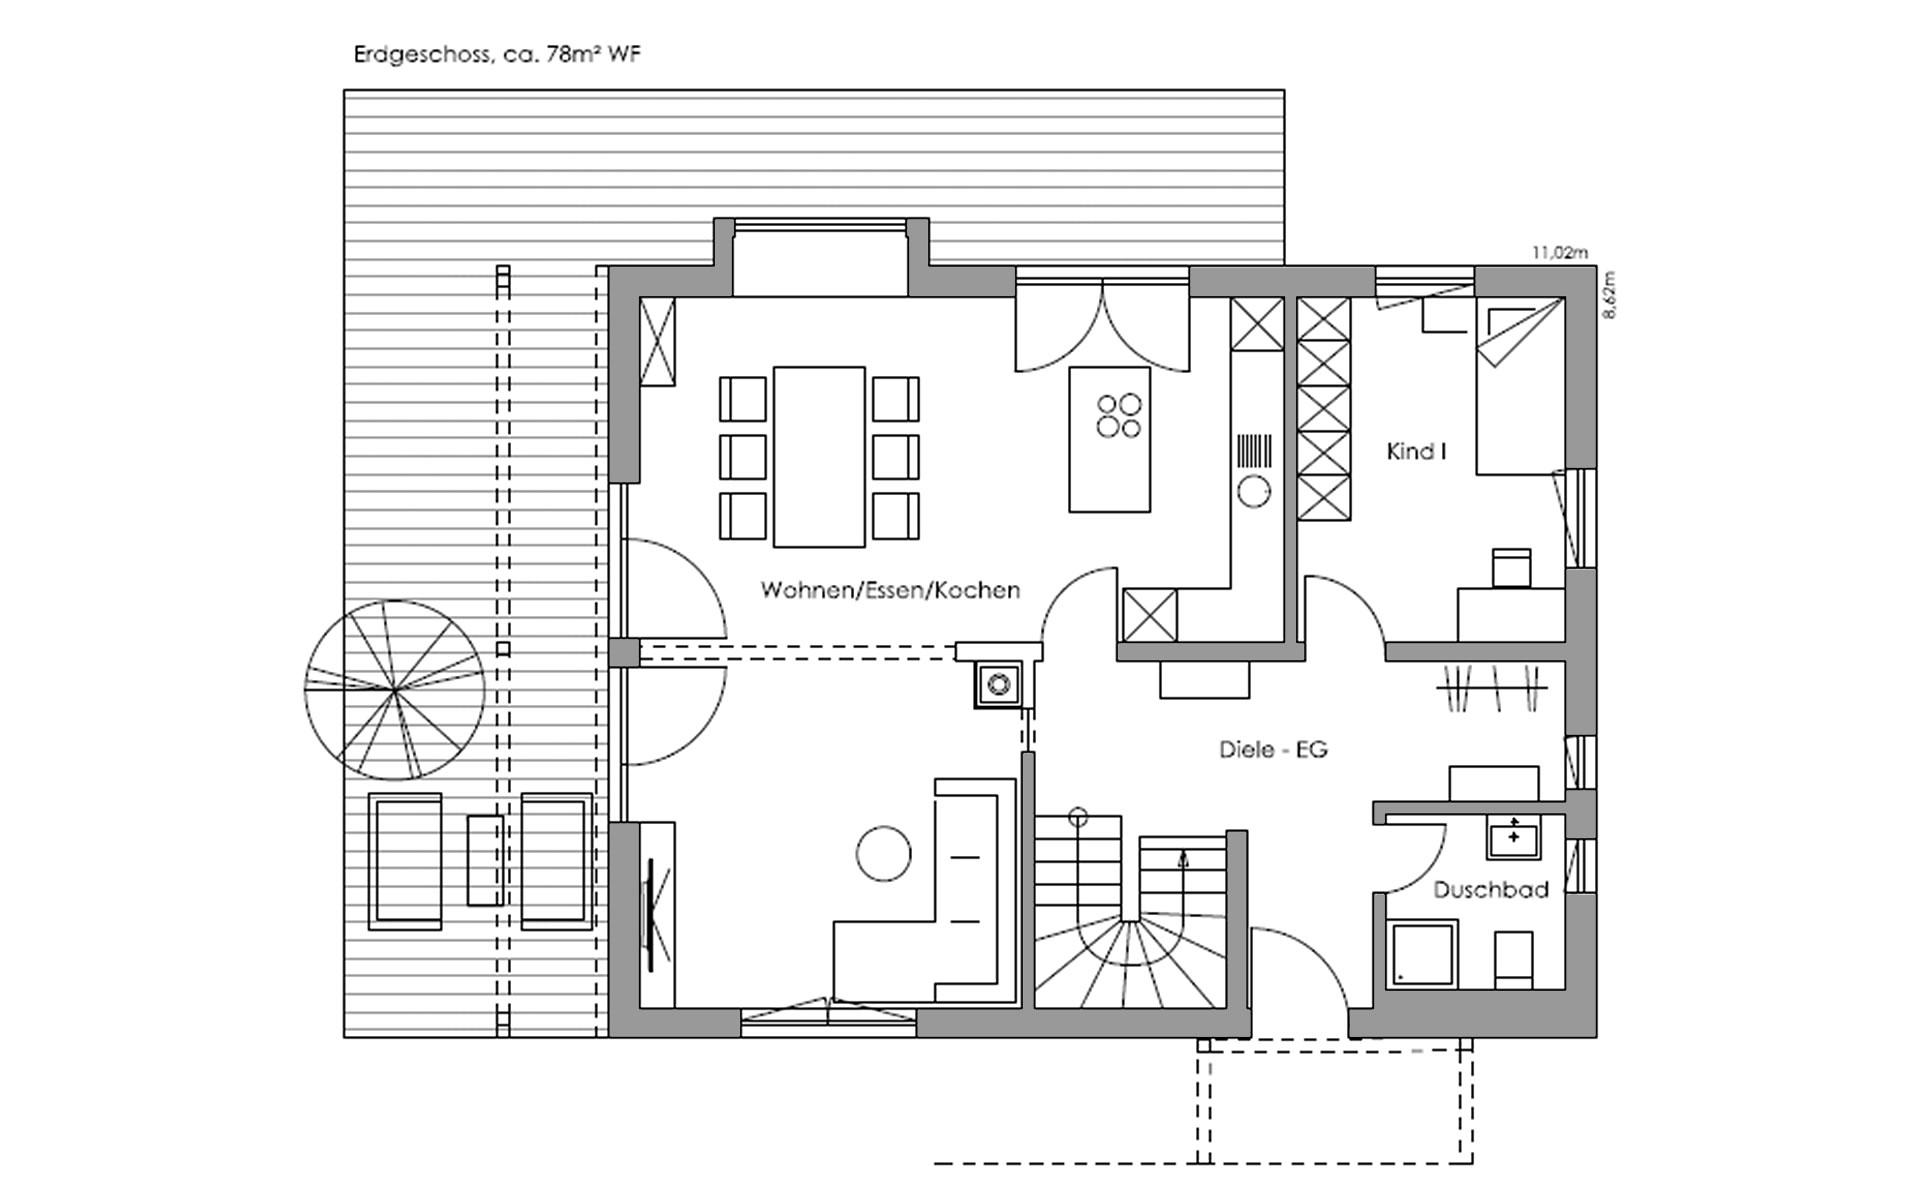 Erdgeschoss Lautrach von Regnauer Hausbau GmbH & Co. KG